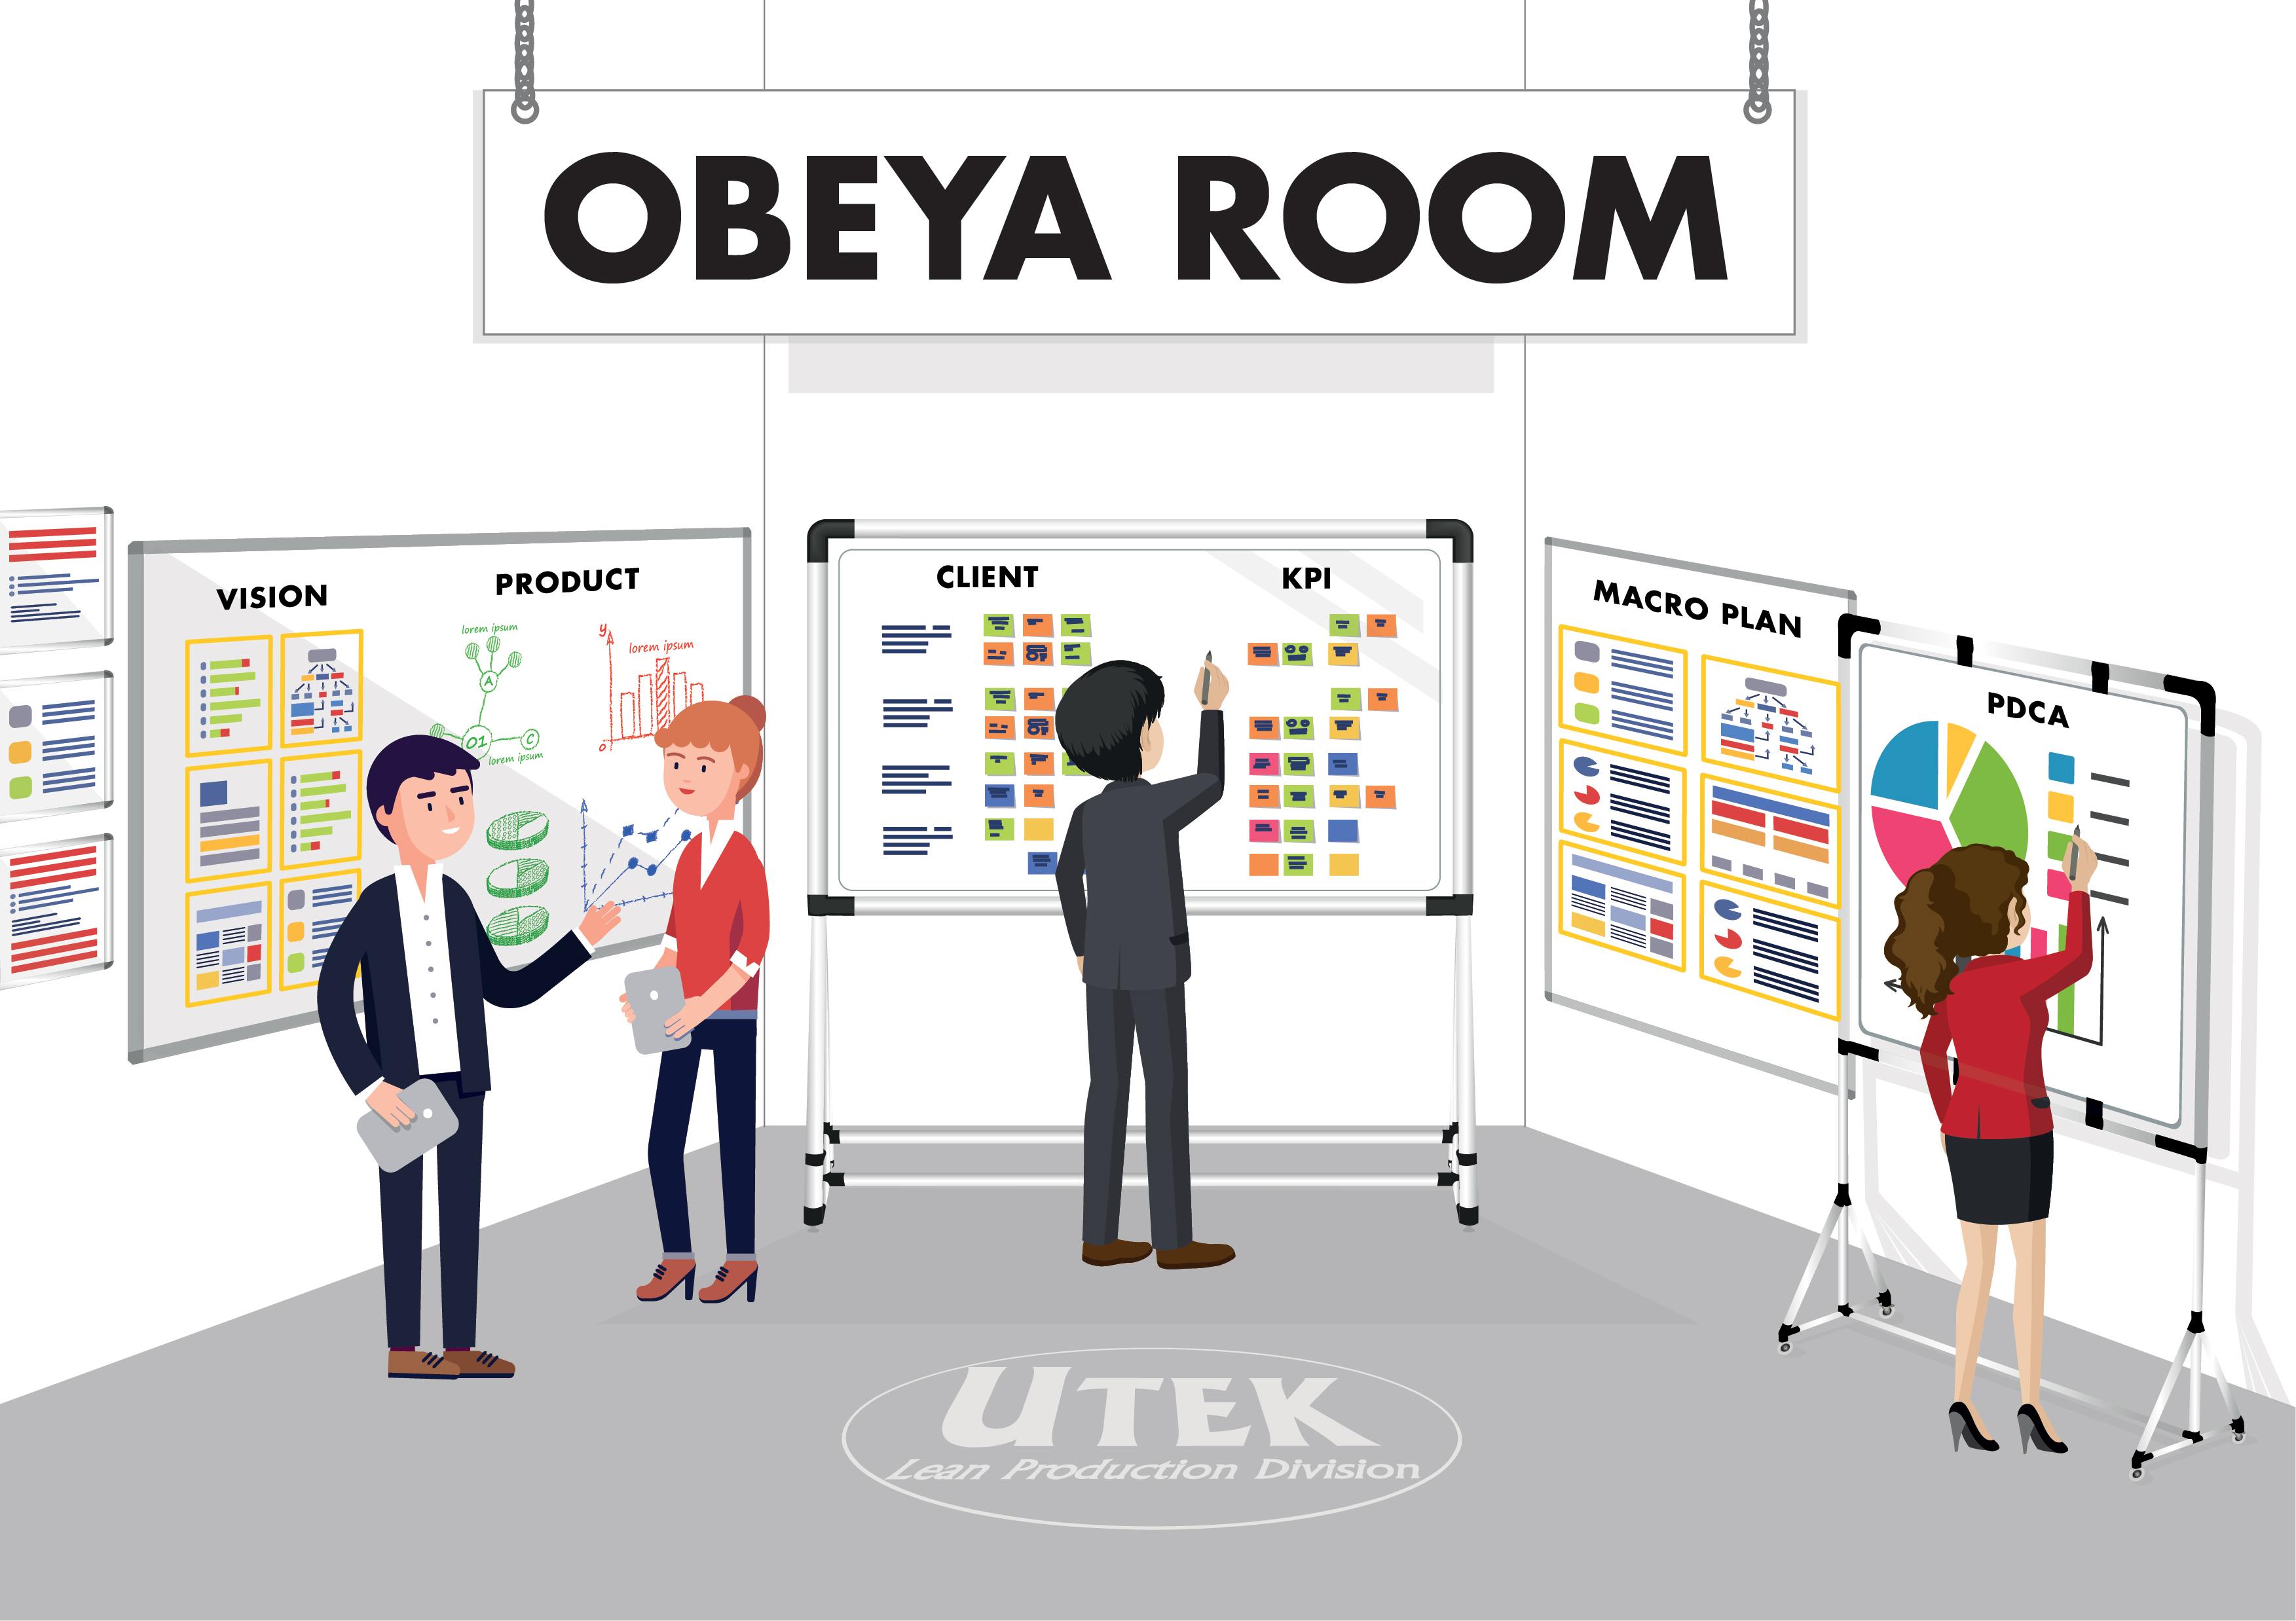 Che cos'è un Obeya?